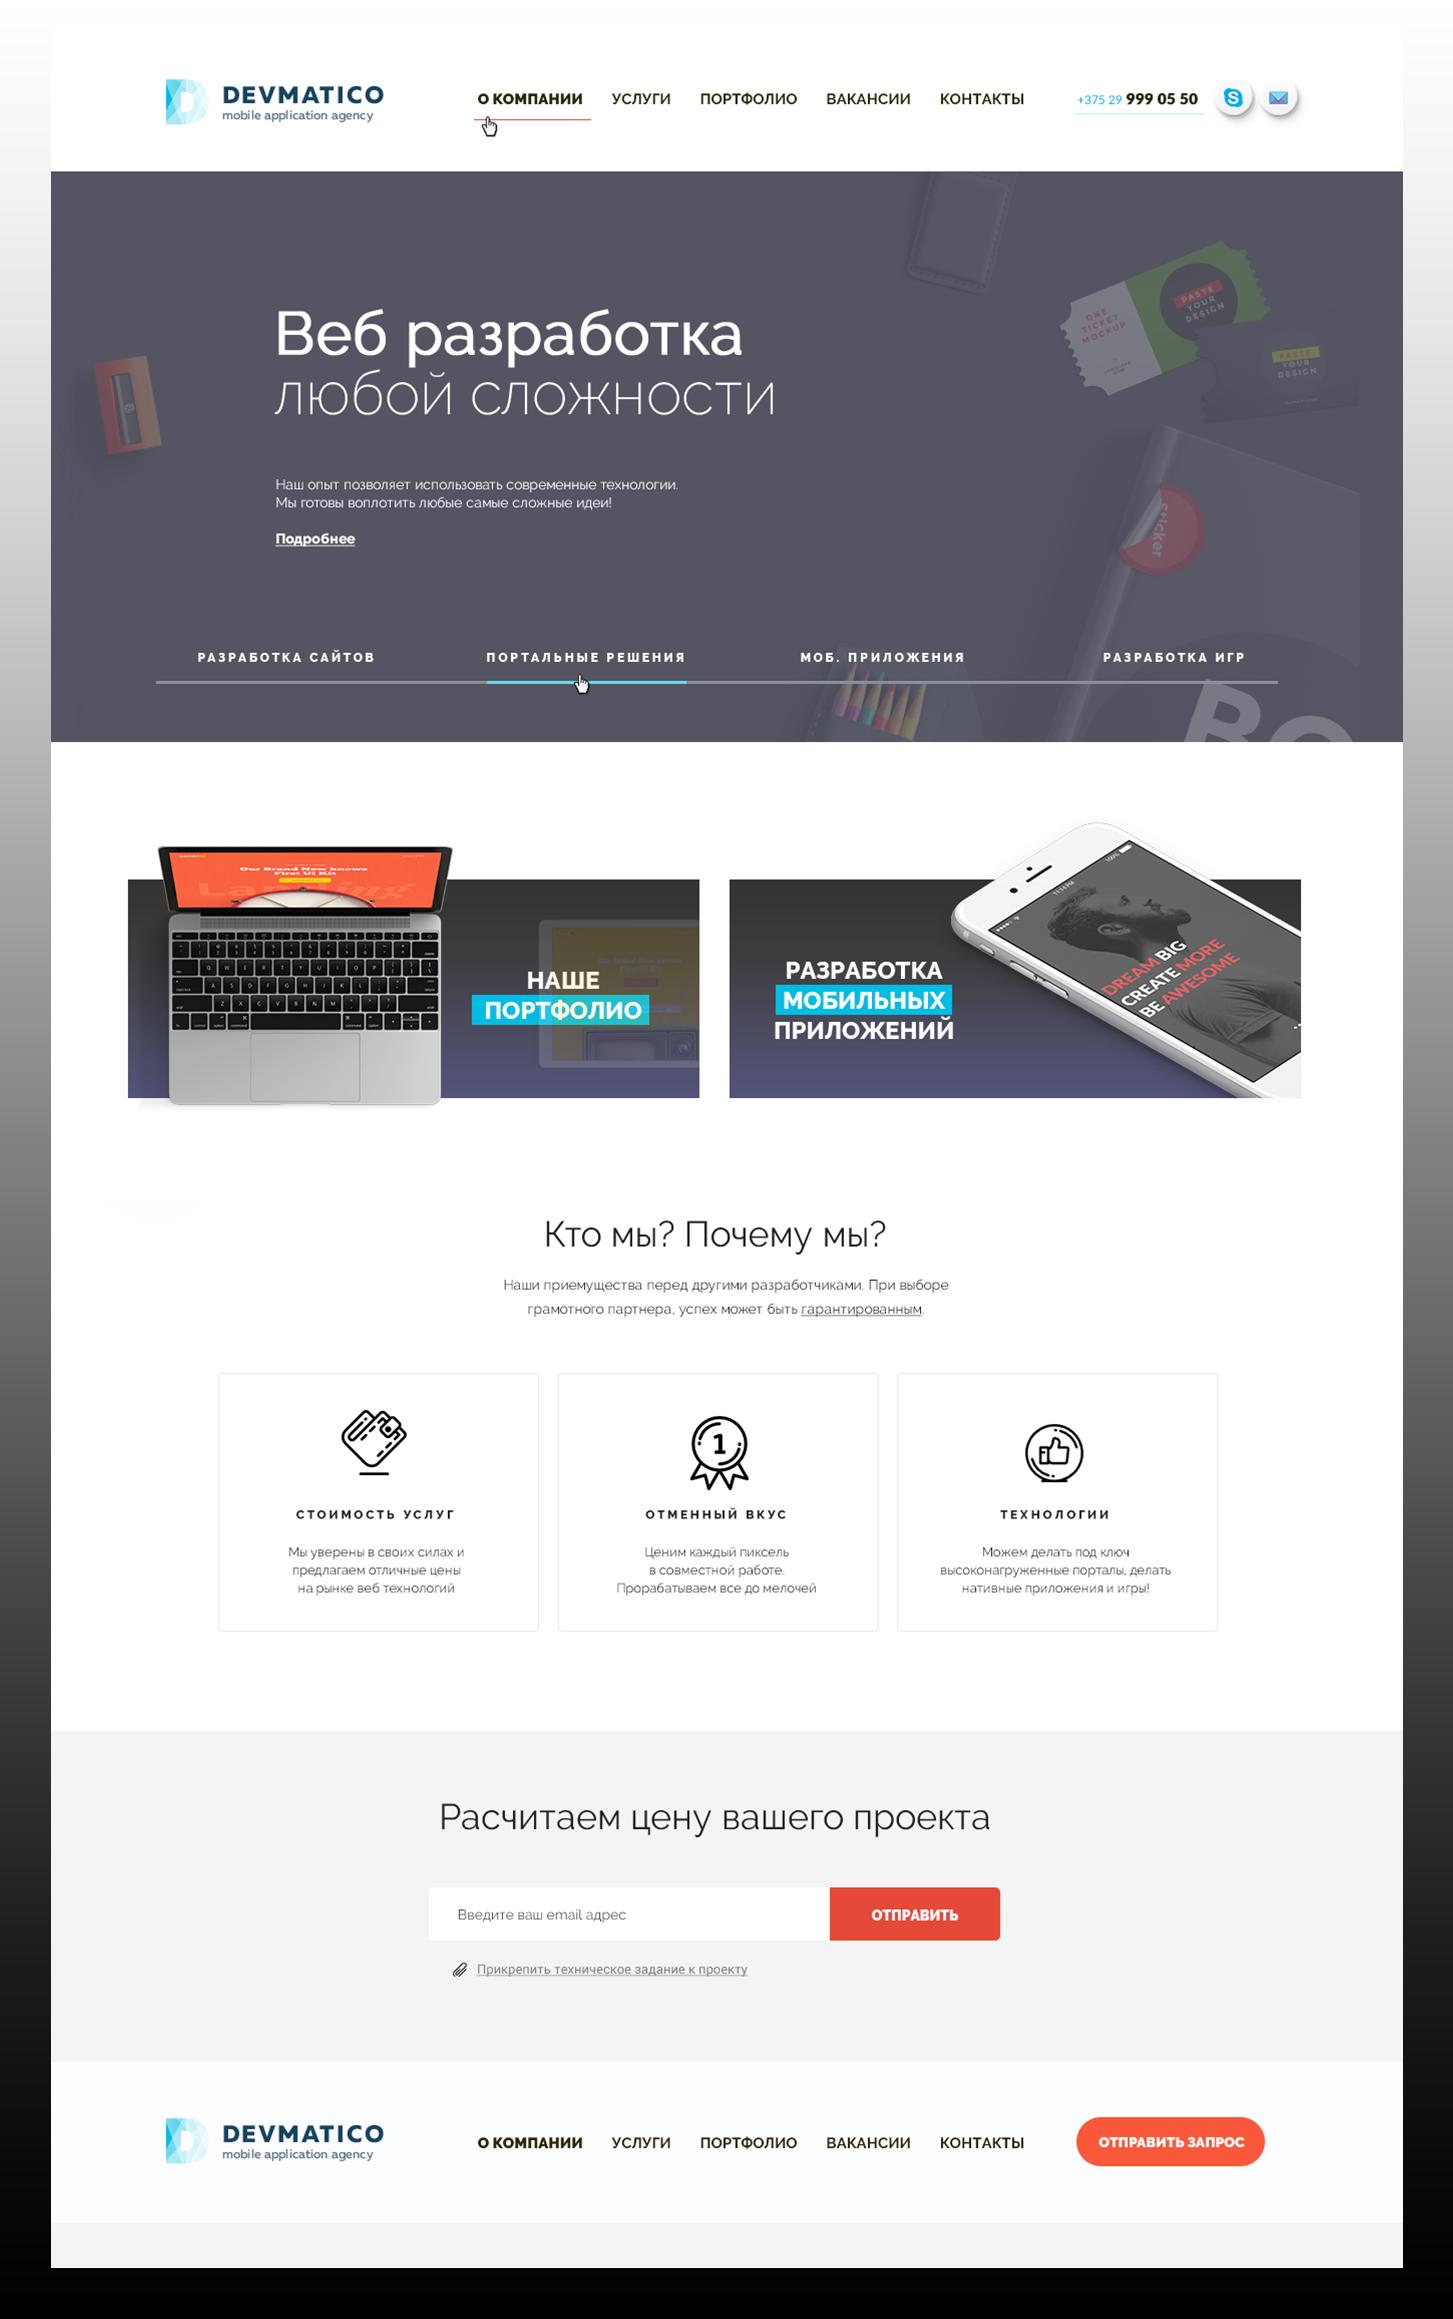 Разработка минималистического дизайна сайта для разработчика ПО - Devmatico